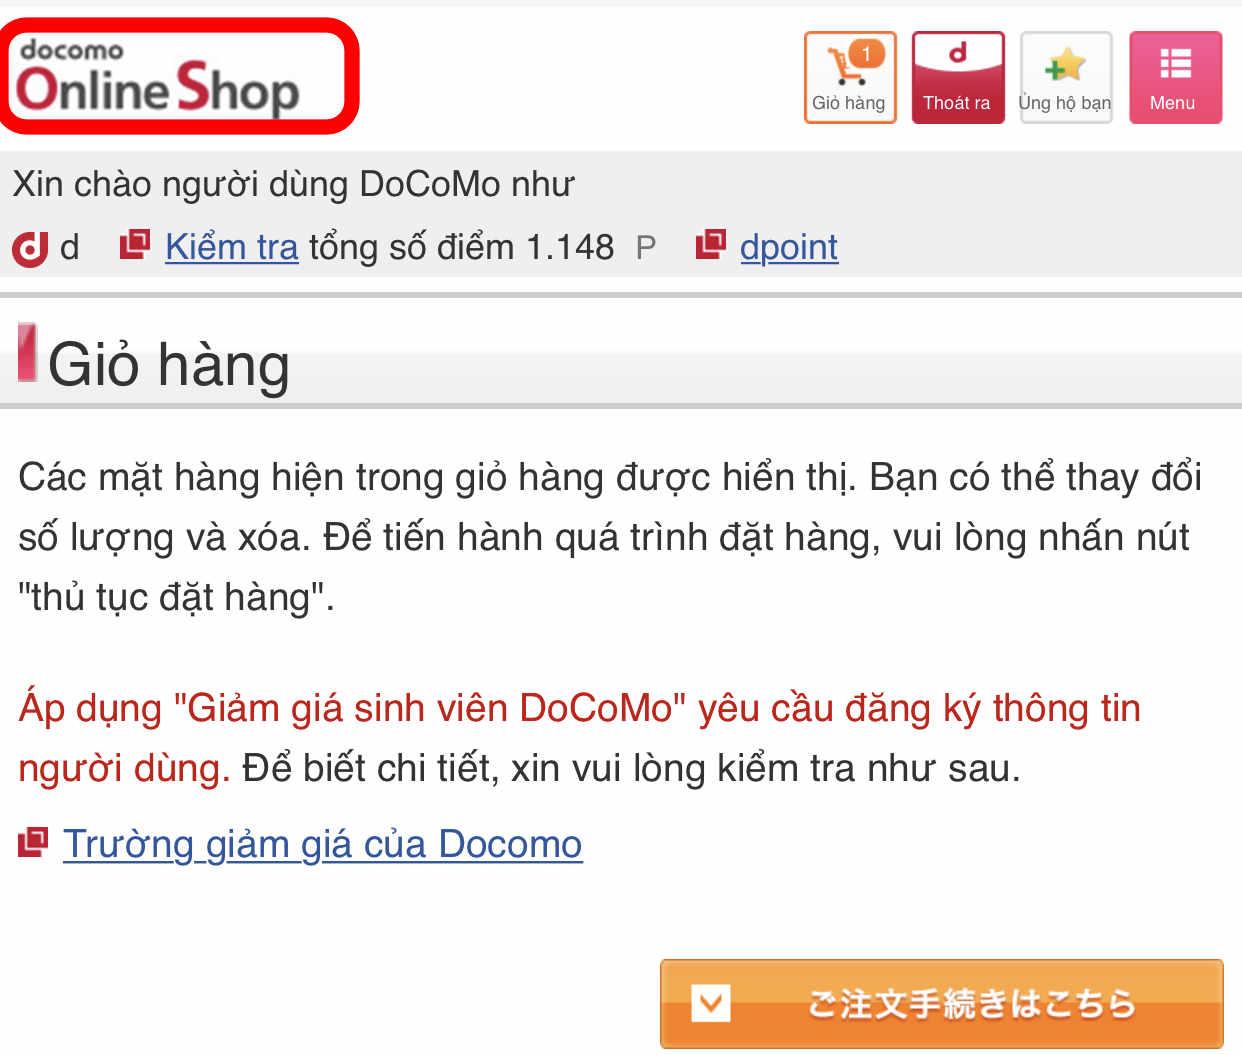 Không vào được Docomo online shop